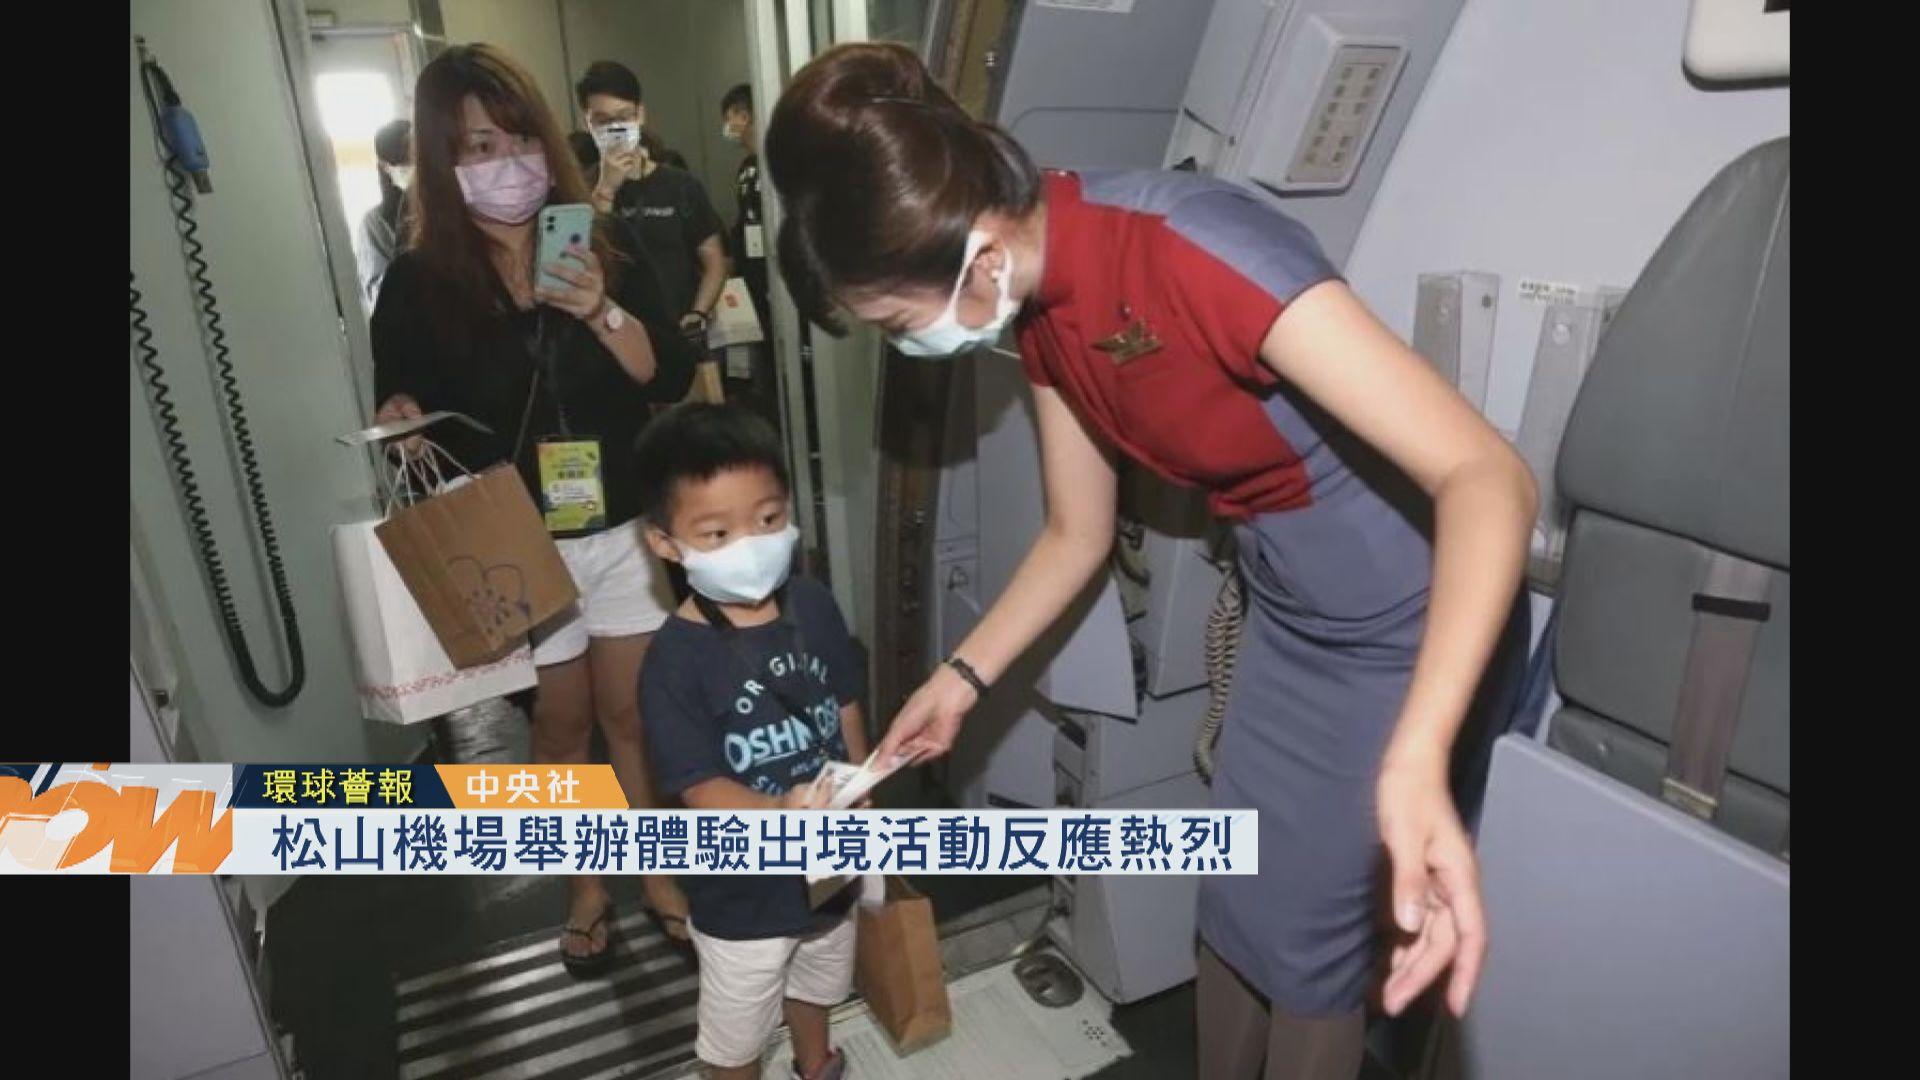 【環球薈報】松山機場舉辦體驗出境活動反應熱烈